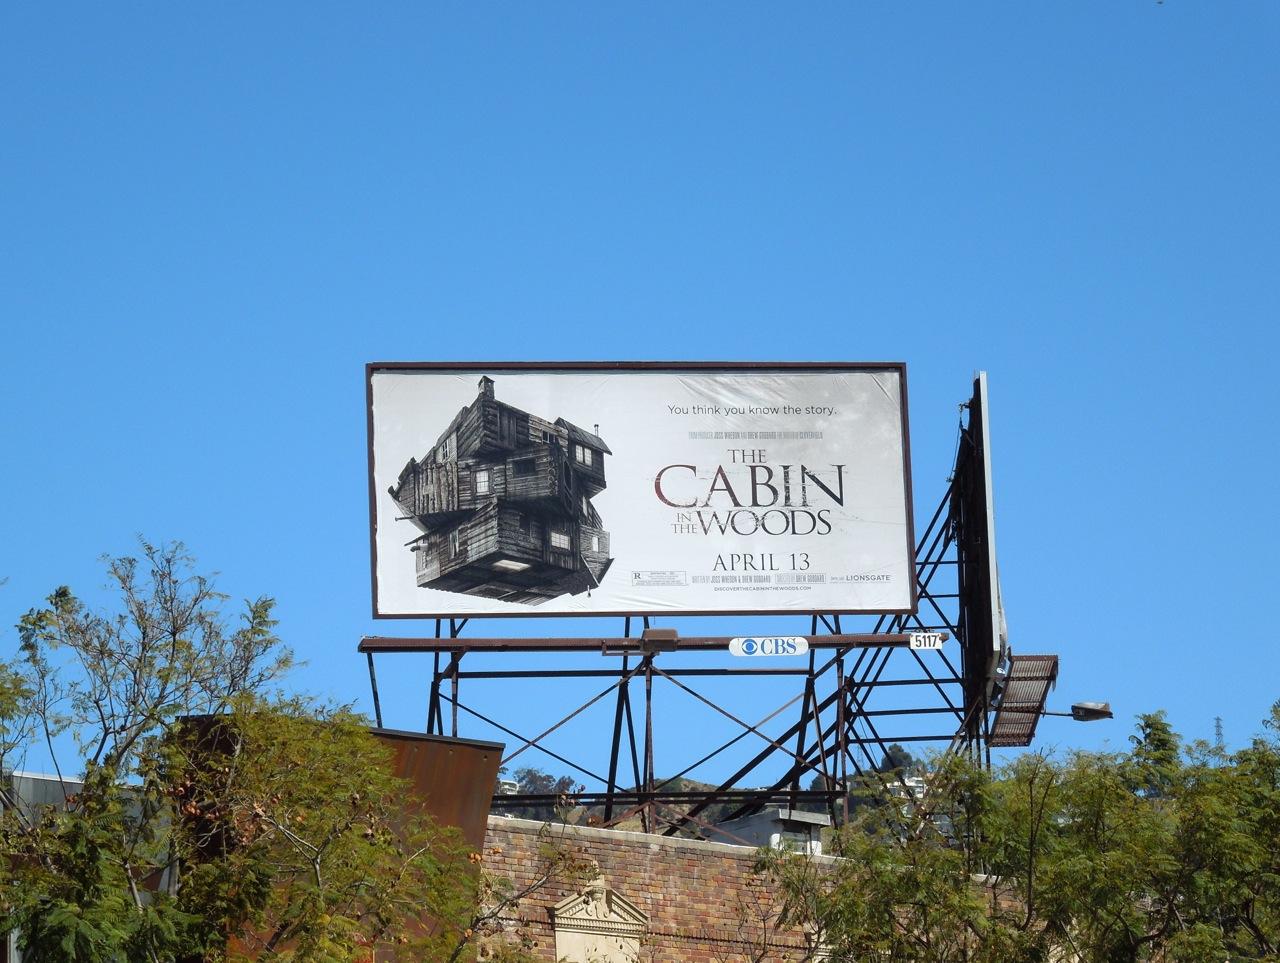 http://2.bp.blogspot.com/-b7MmQ97aRNo/T5iXpV6kwCI/AAAAAAAAquk/XCkfgIXMEPA/s1600/Cabinwoods+movie+billboard.jpg